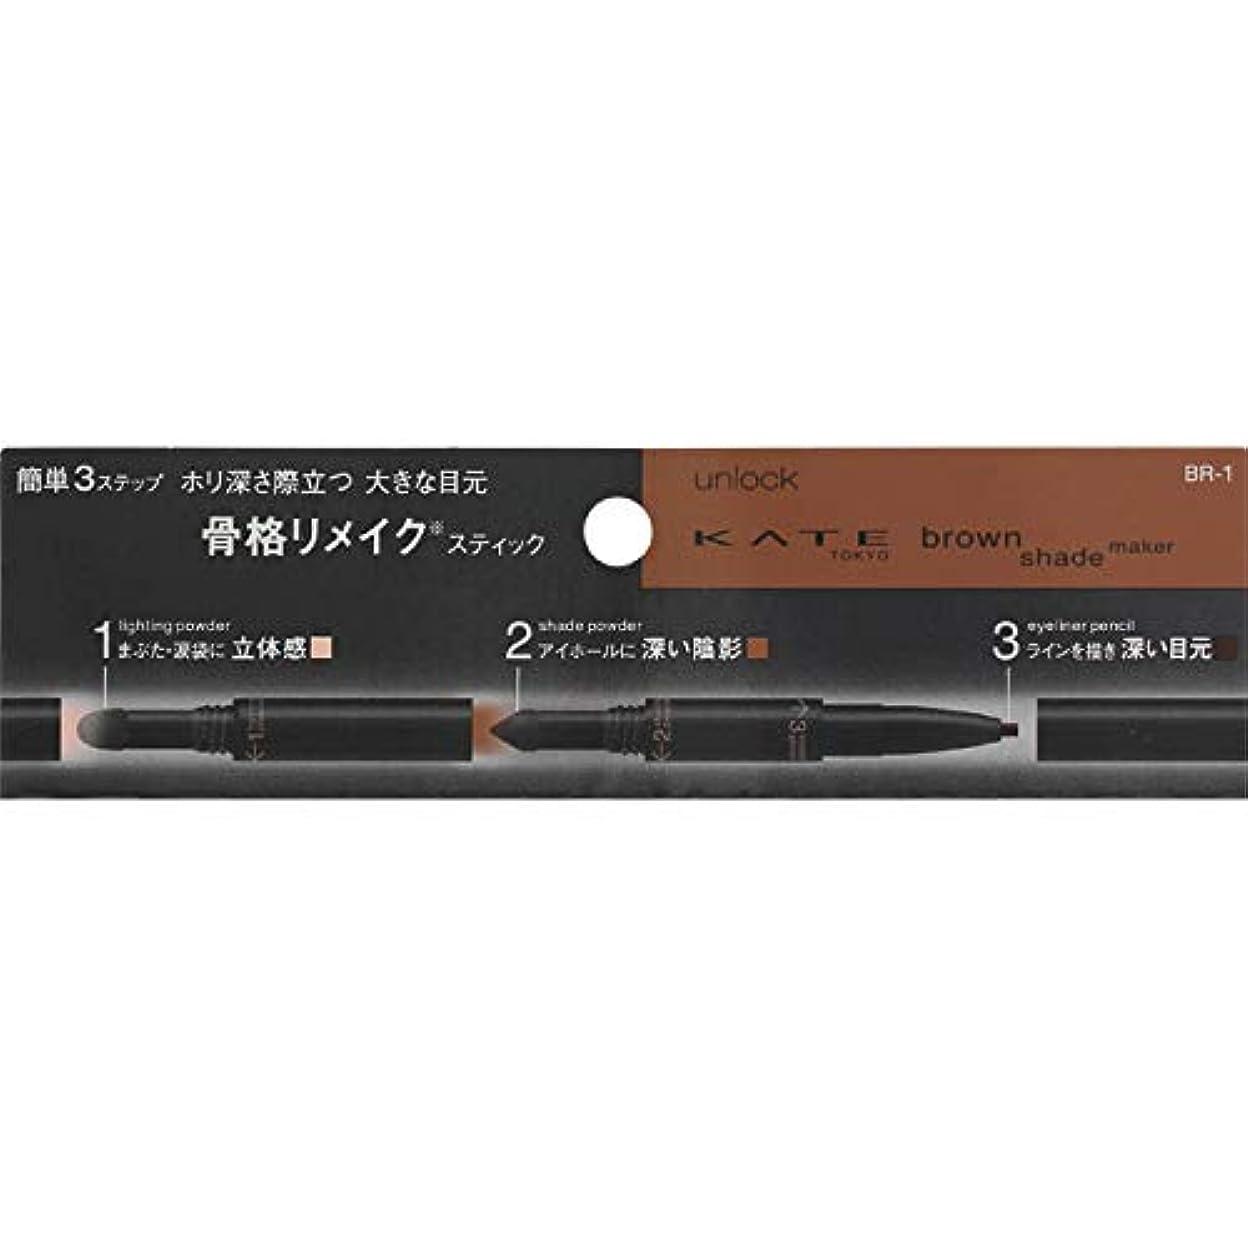 伝導率ベットエレガントカネボウ(Kanebo) ケイト ブラウンシェードメイカー<カラー:BR-1>